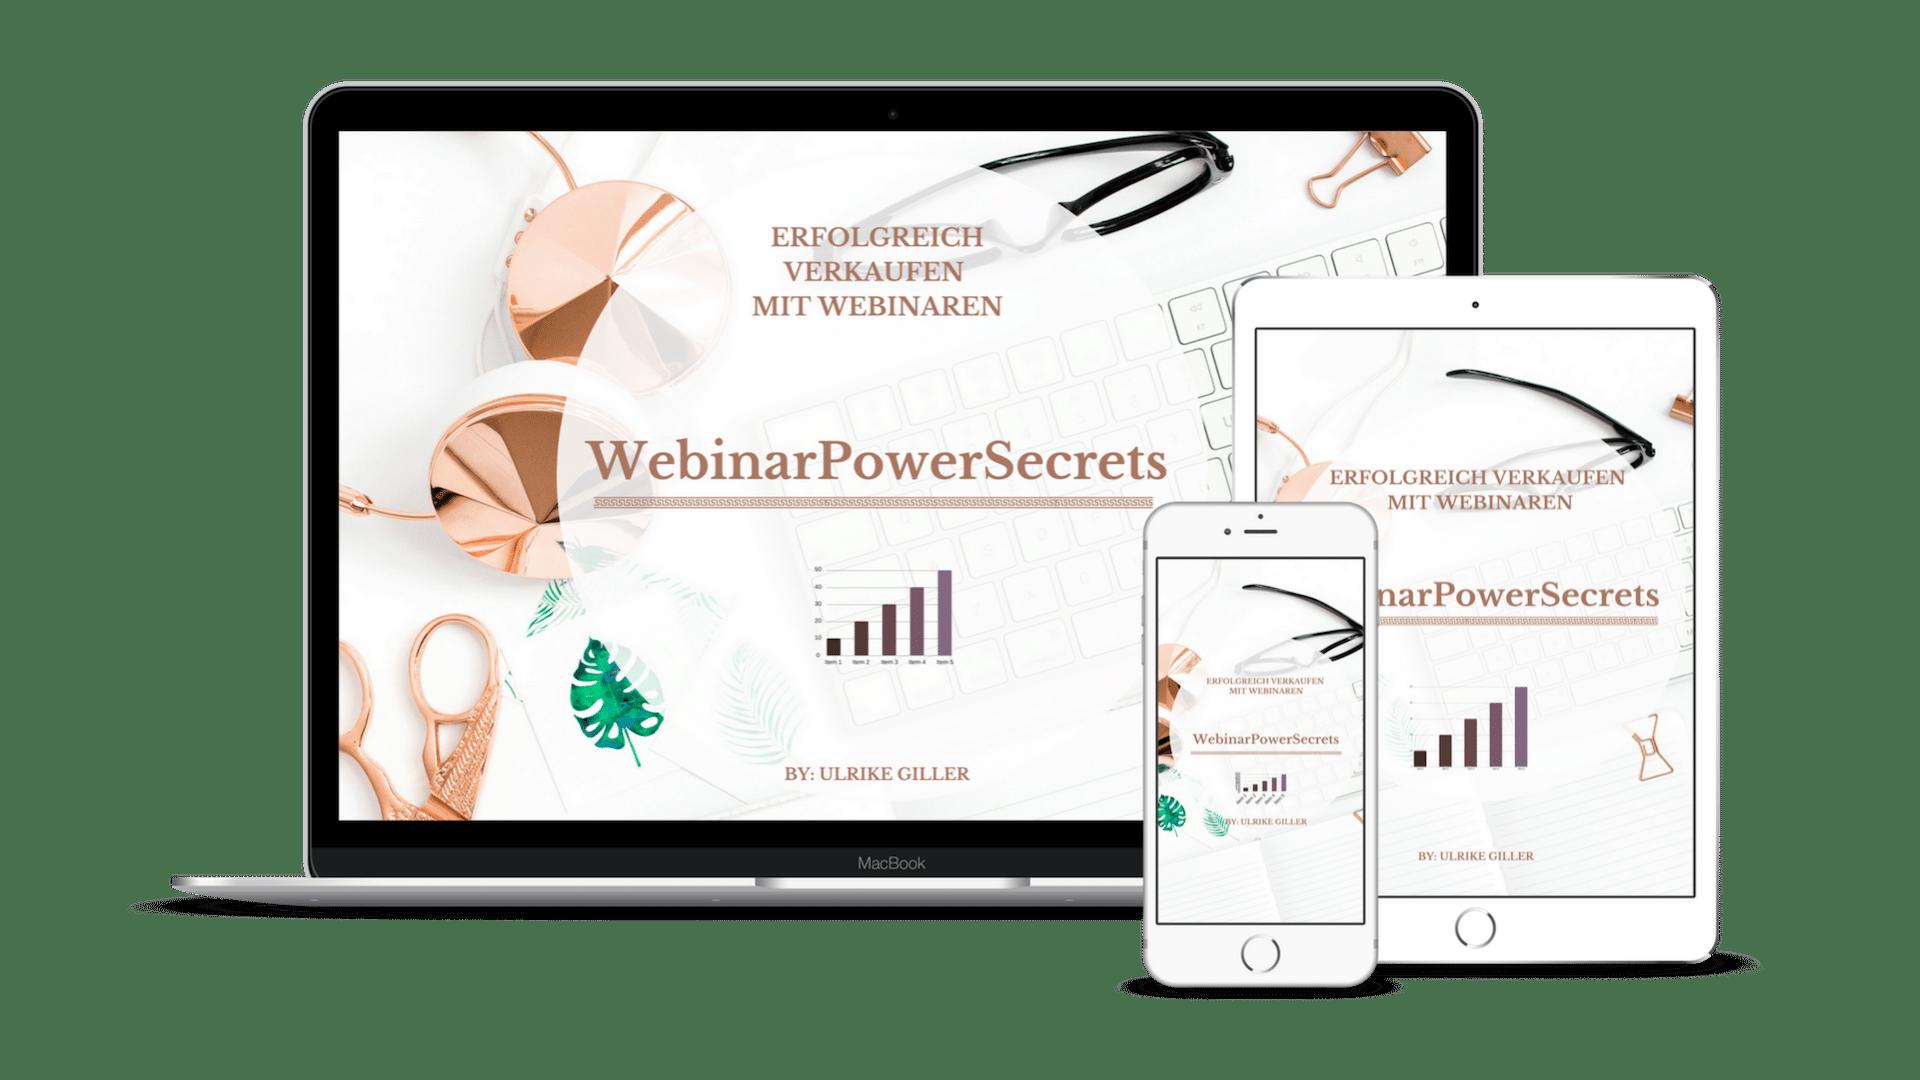 WebinarPowerSecrets